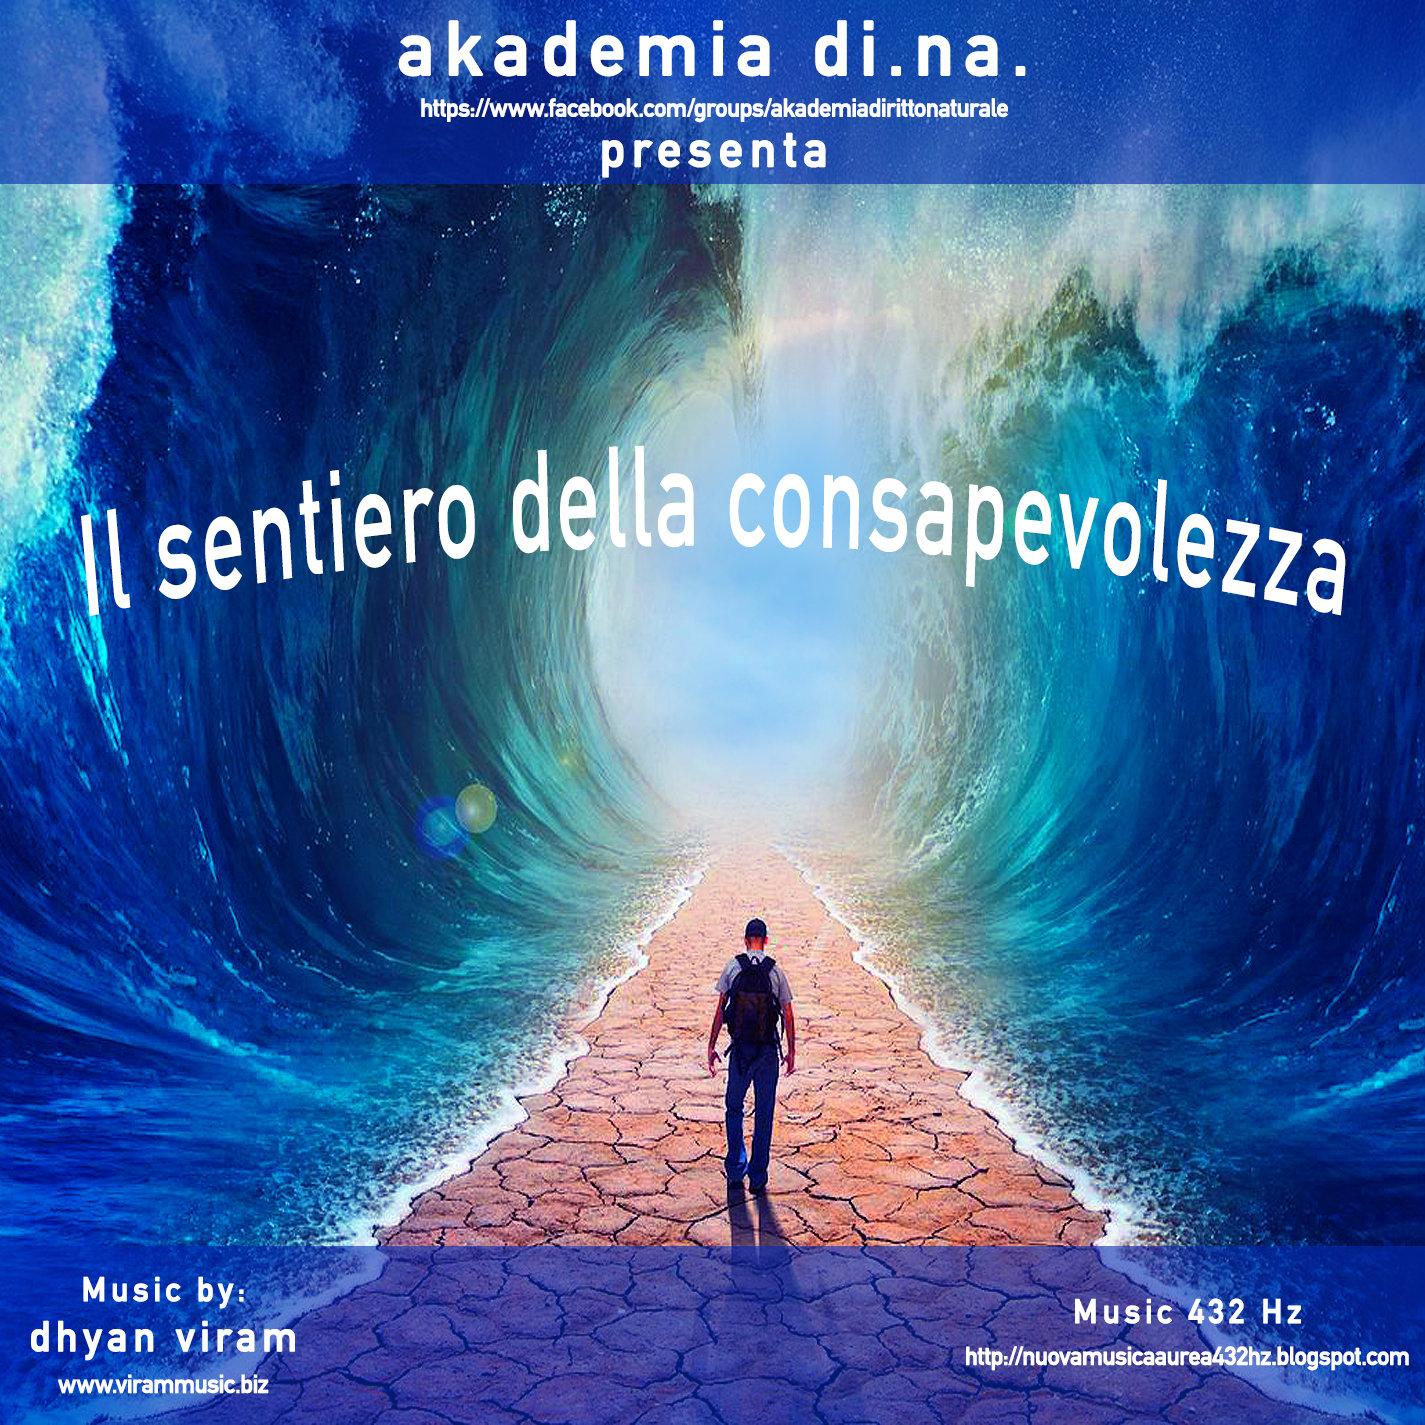 Il sentiero della consapevolezza